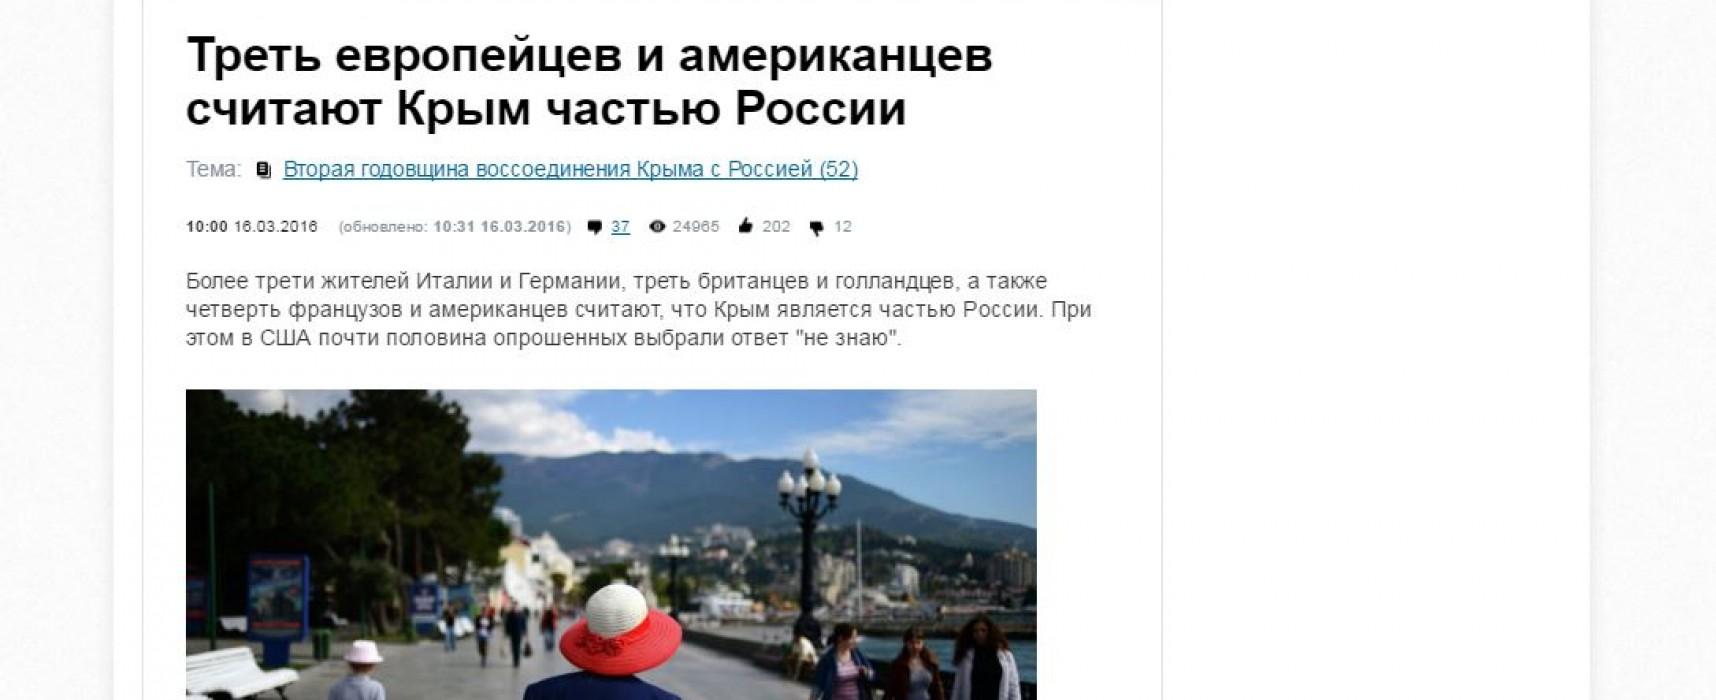 Российские СМИ растиражировали сомнительный опрос по Крыму